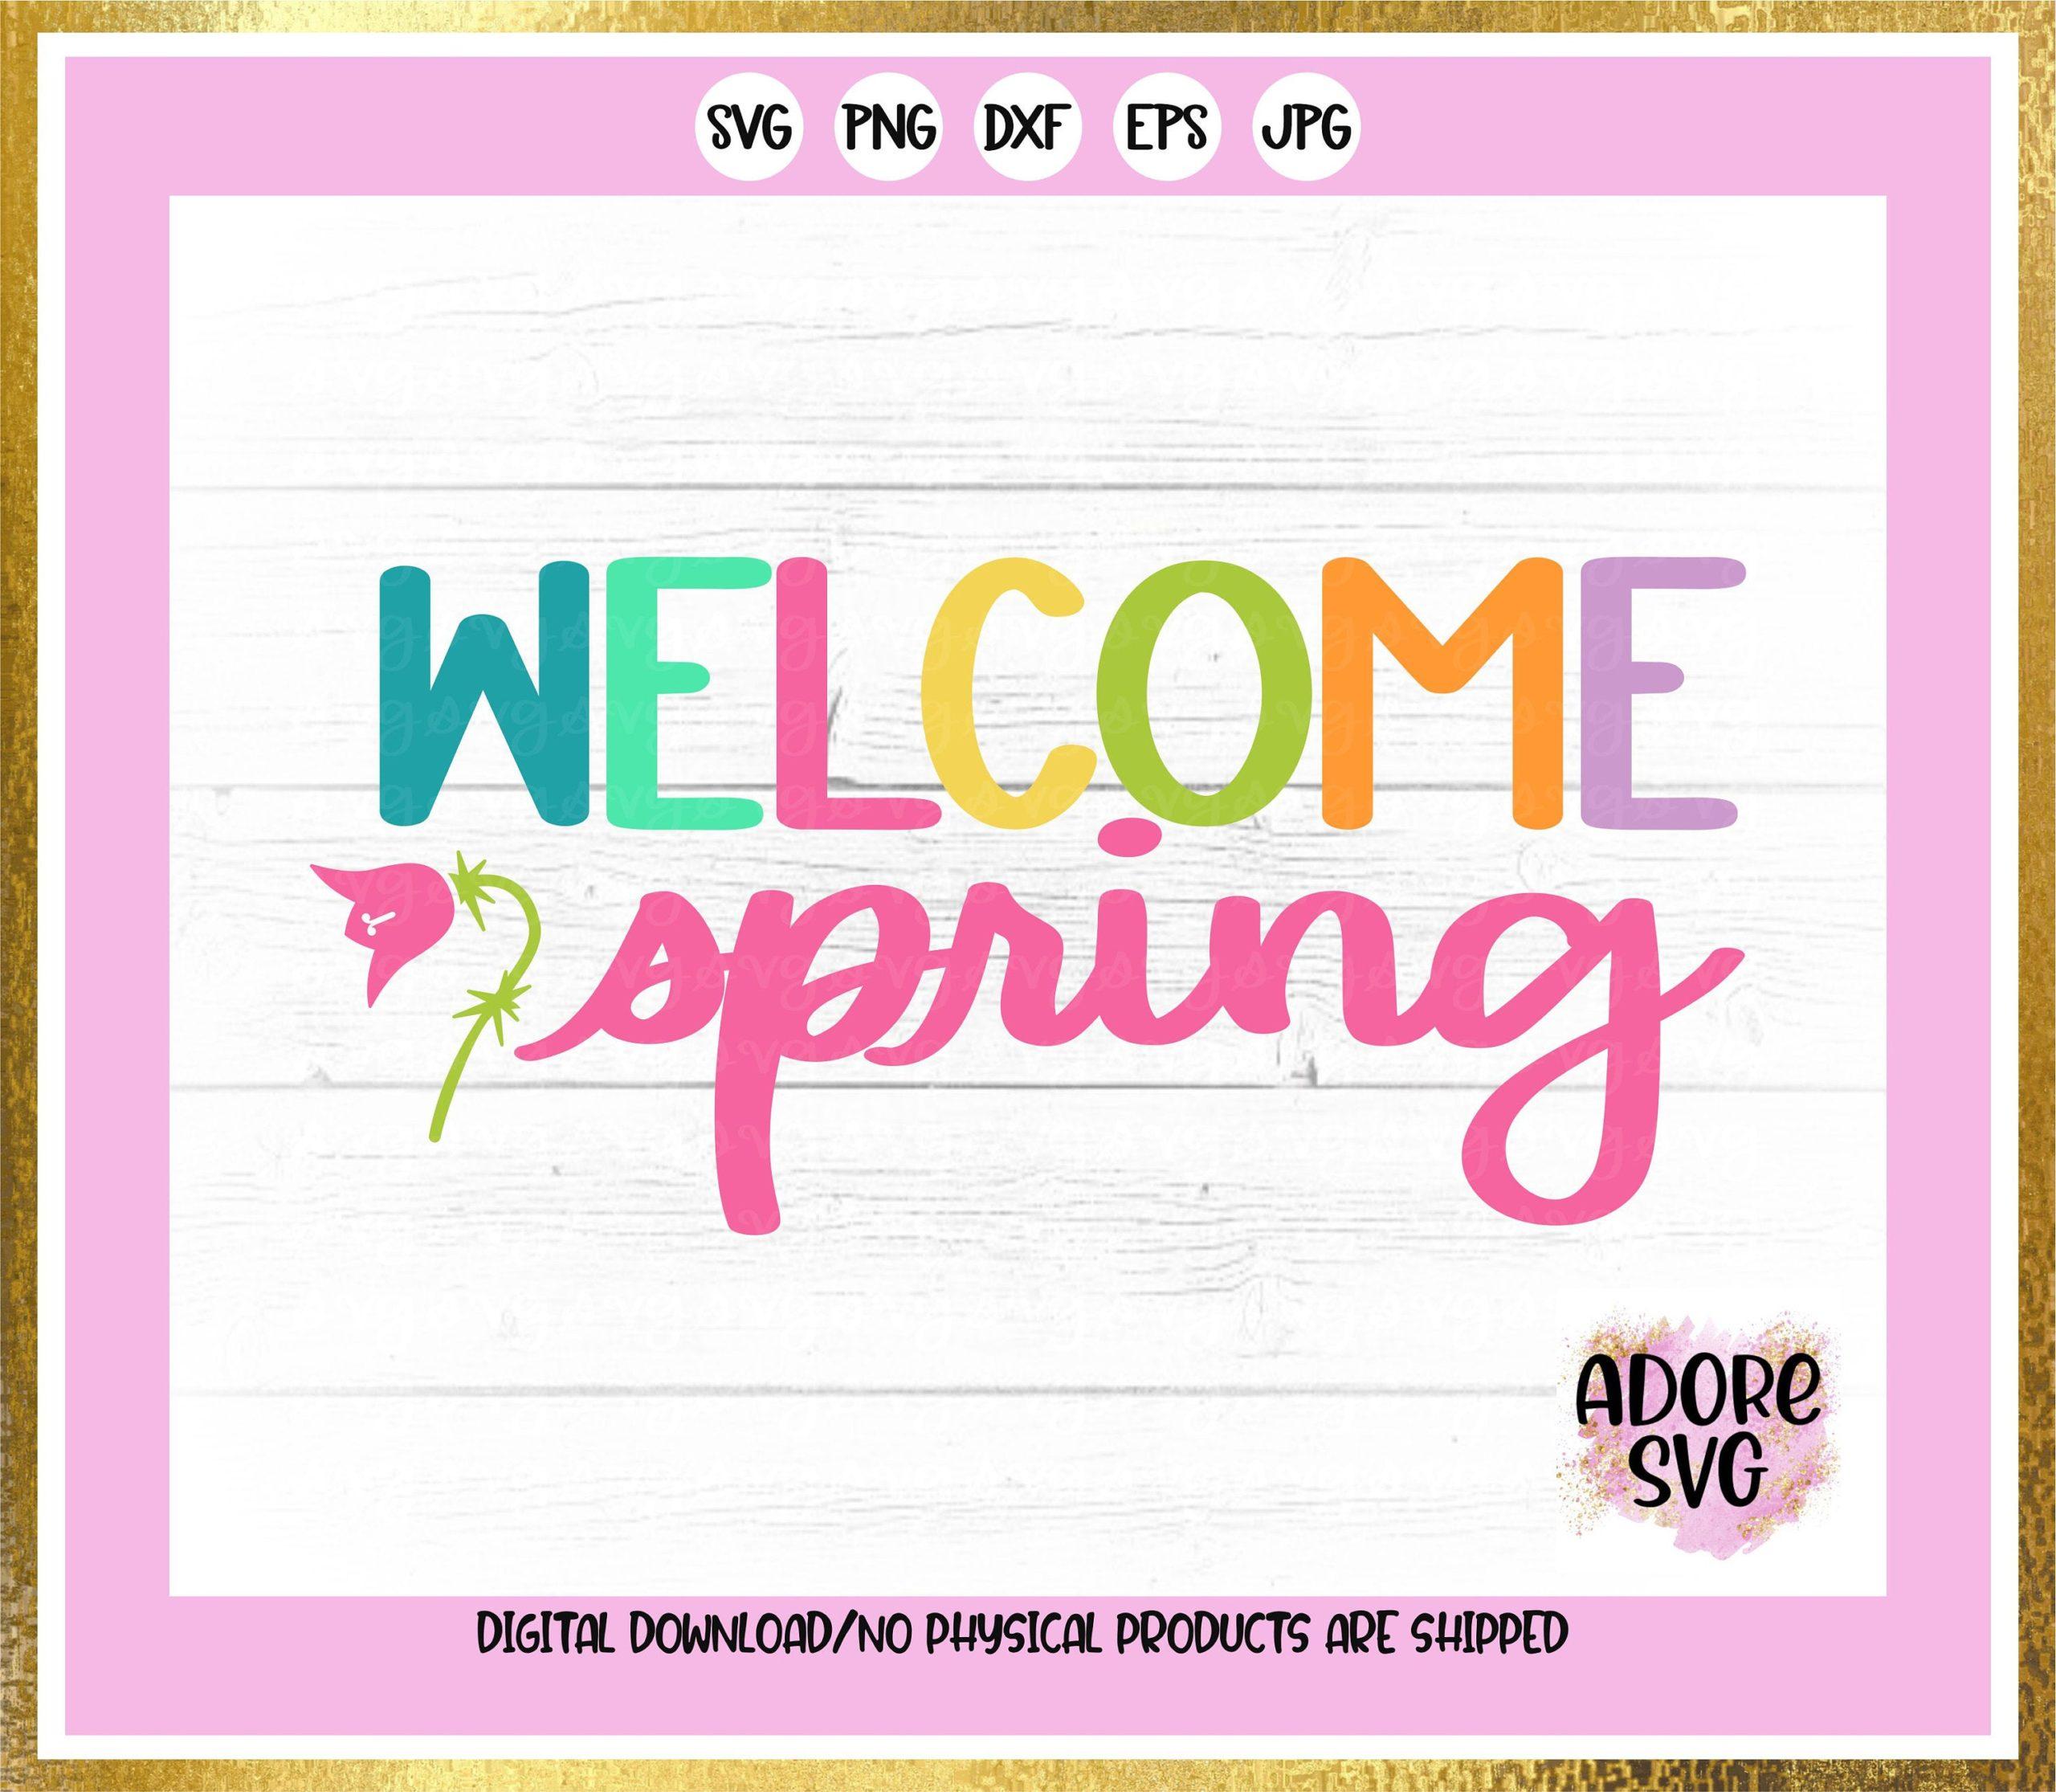 Spring-svg-welcome-spring-svg-spring-svgs-springtime-svg-flowers-svg-spring-svg-design-spring-cut-file-spring-cricut-svg-60512880